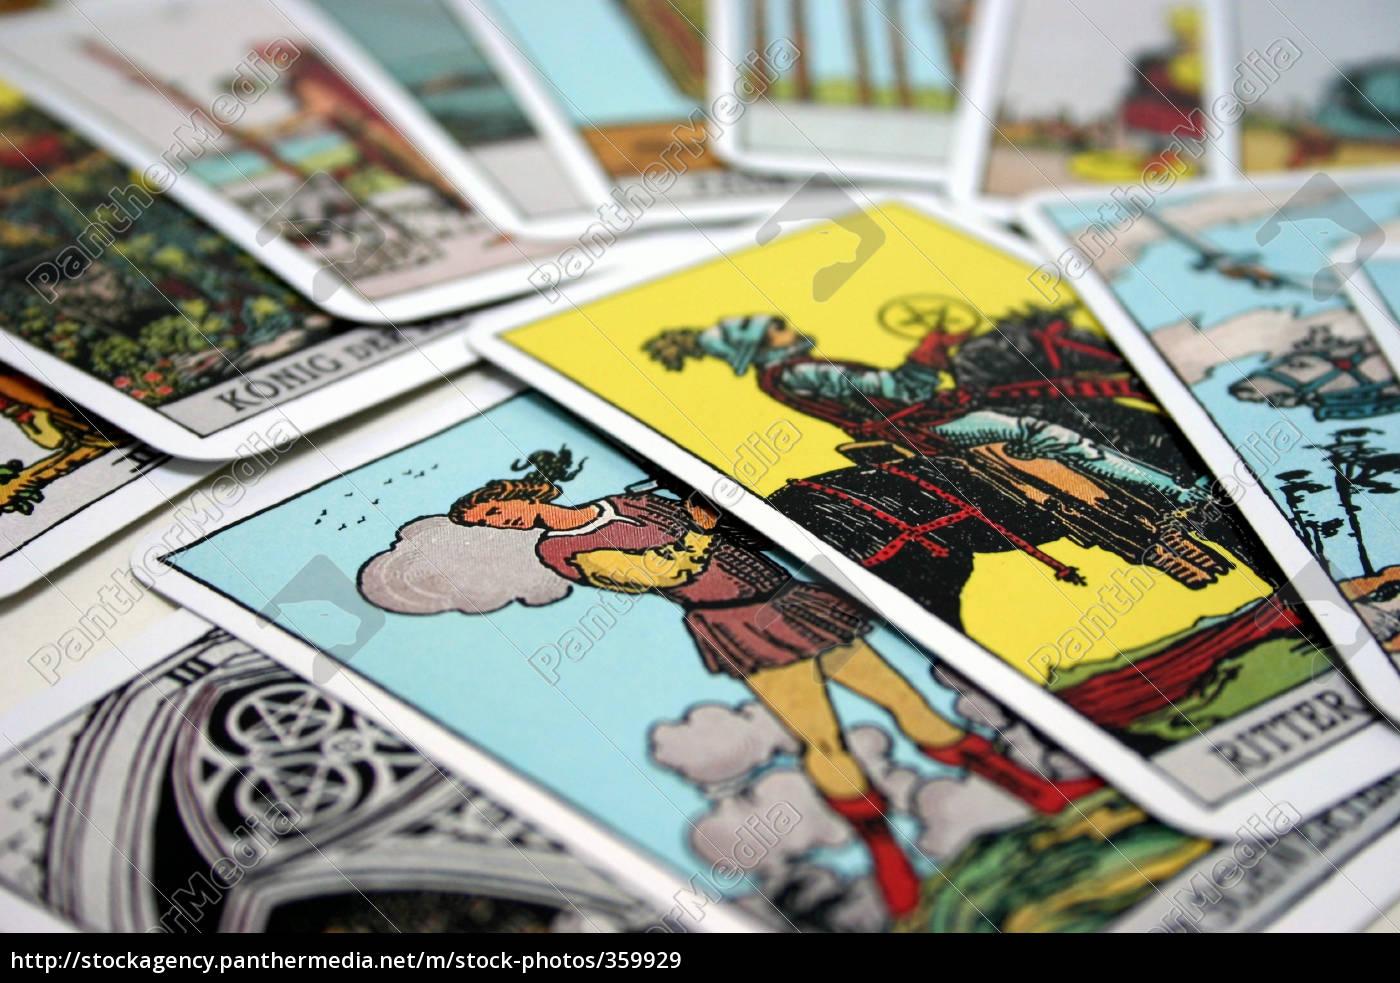 tarot, cards, (4) - 359929